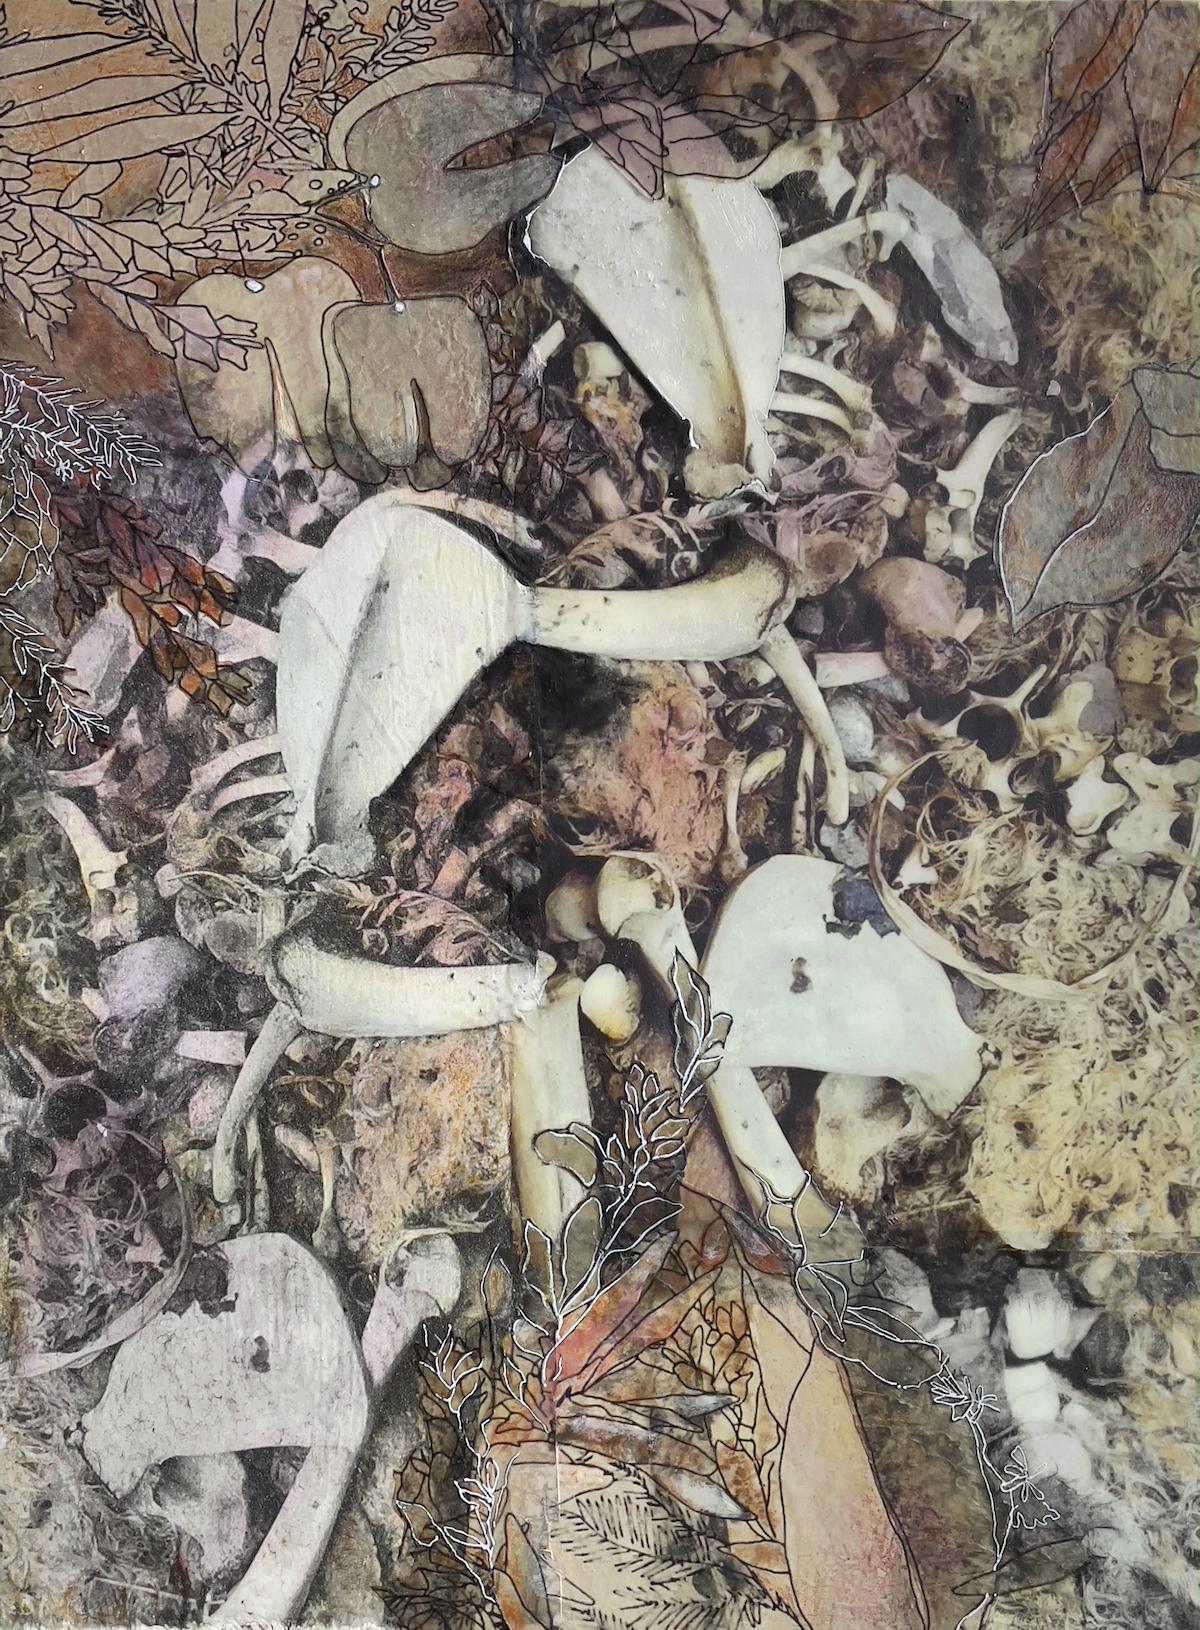 Dry Leaves and Bones | Bobbi Kilty | Fine Artist